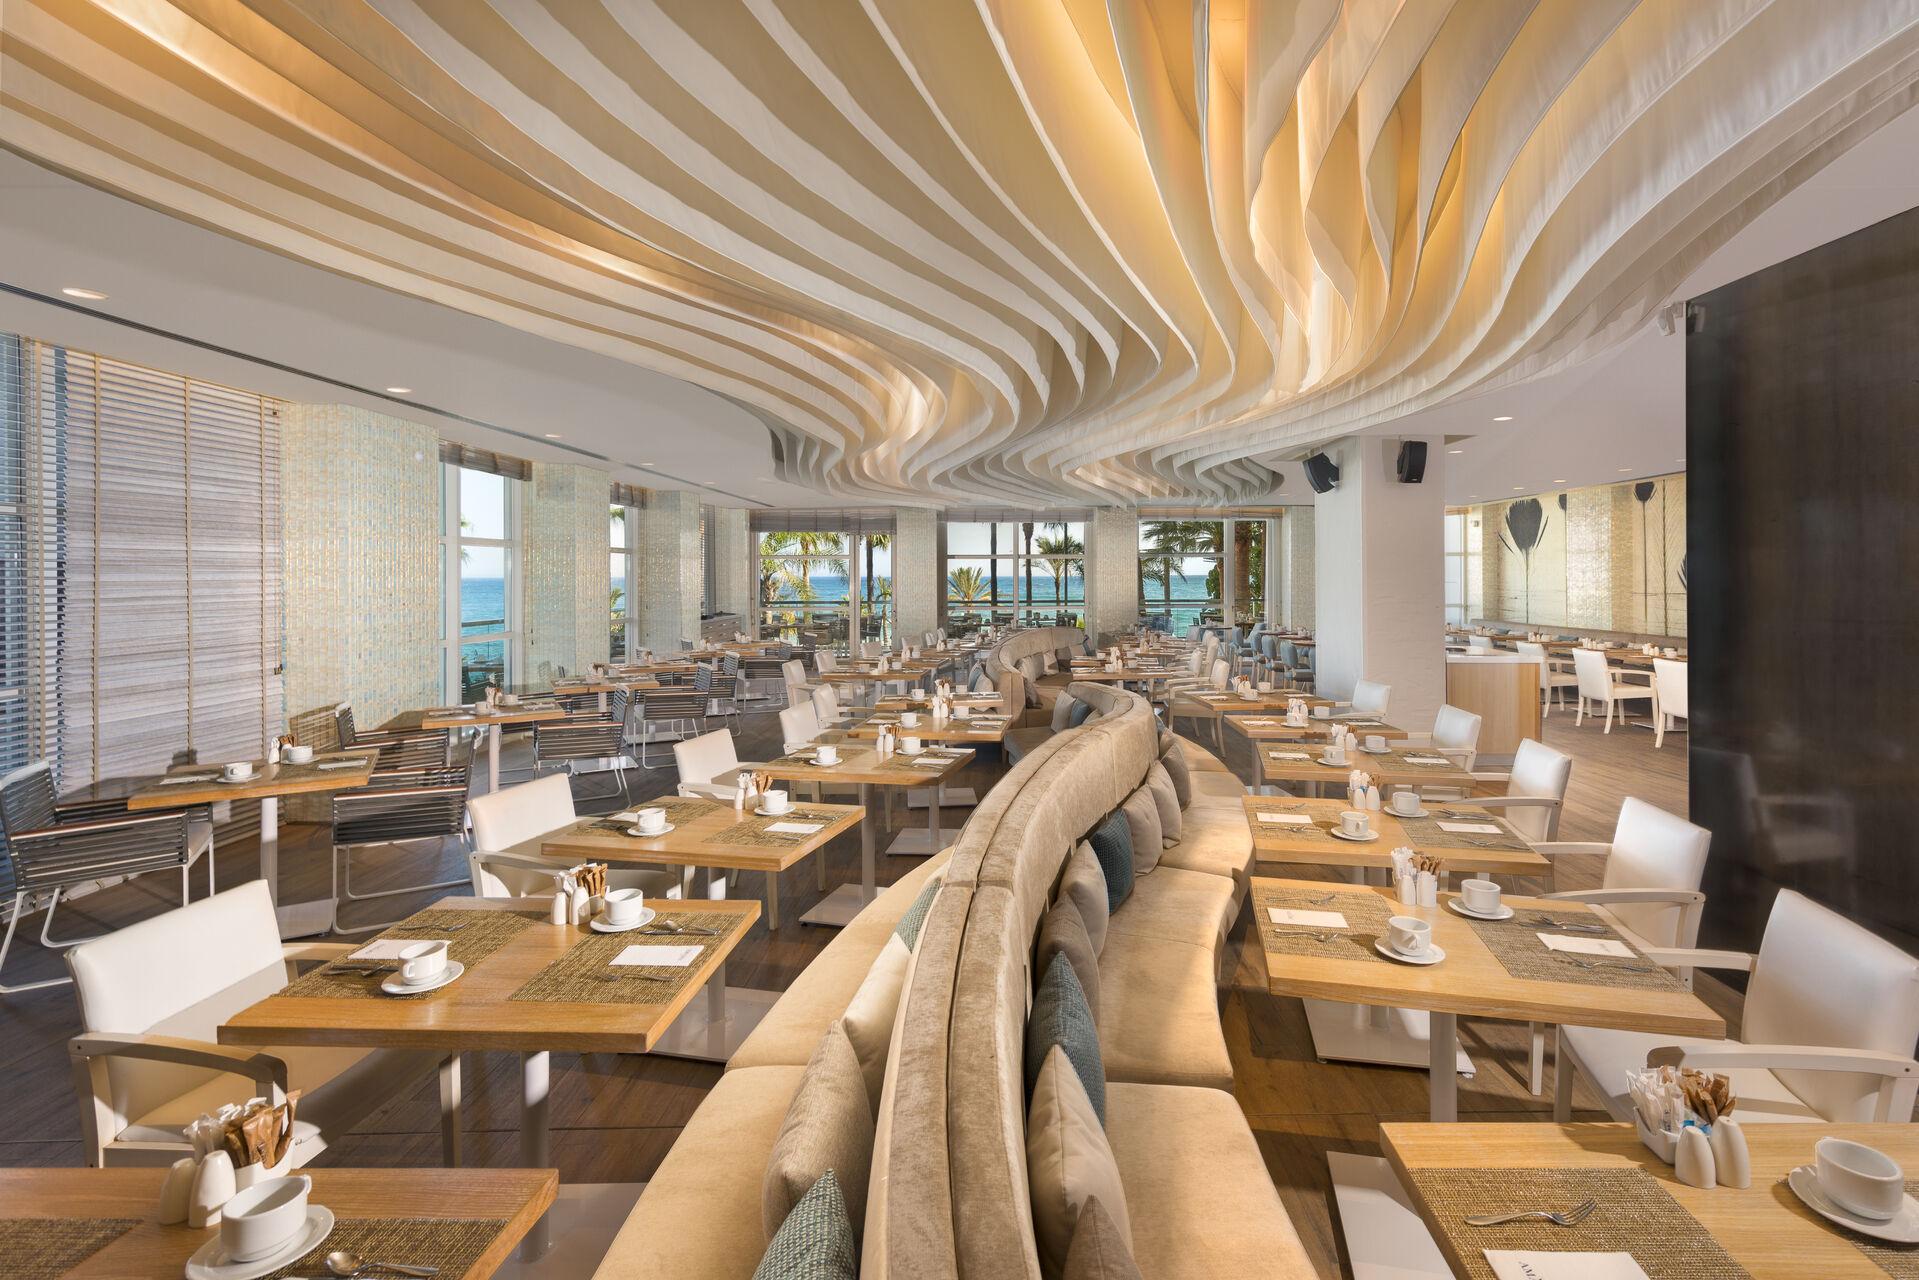 https://cms.satur.sk/data/imgs/tour_image/orig/amare-marbella-restaurante-mare-nostrum-2-1972156.jpg